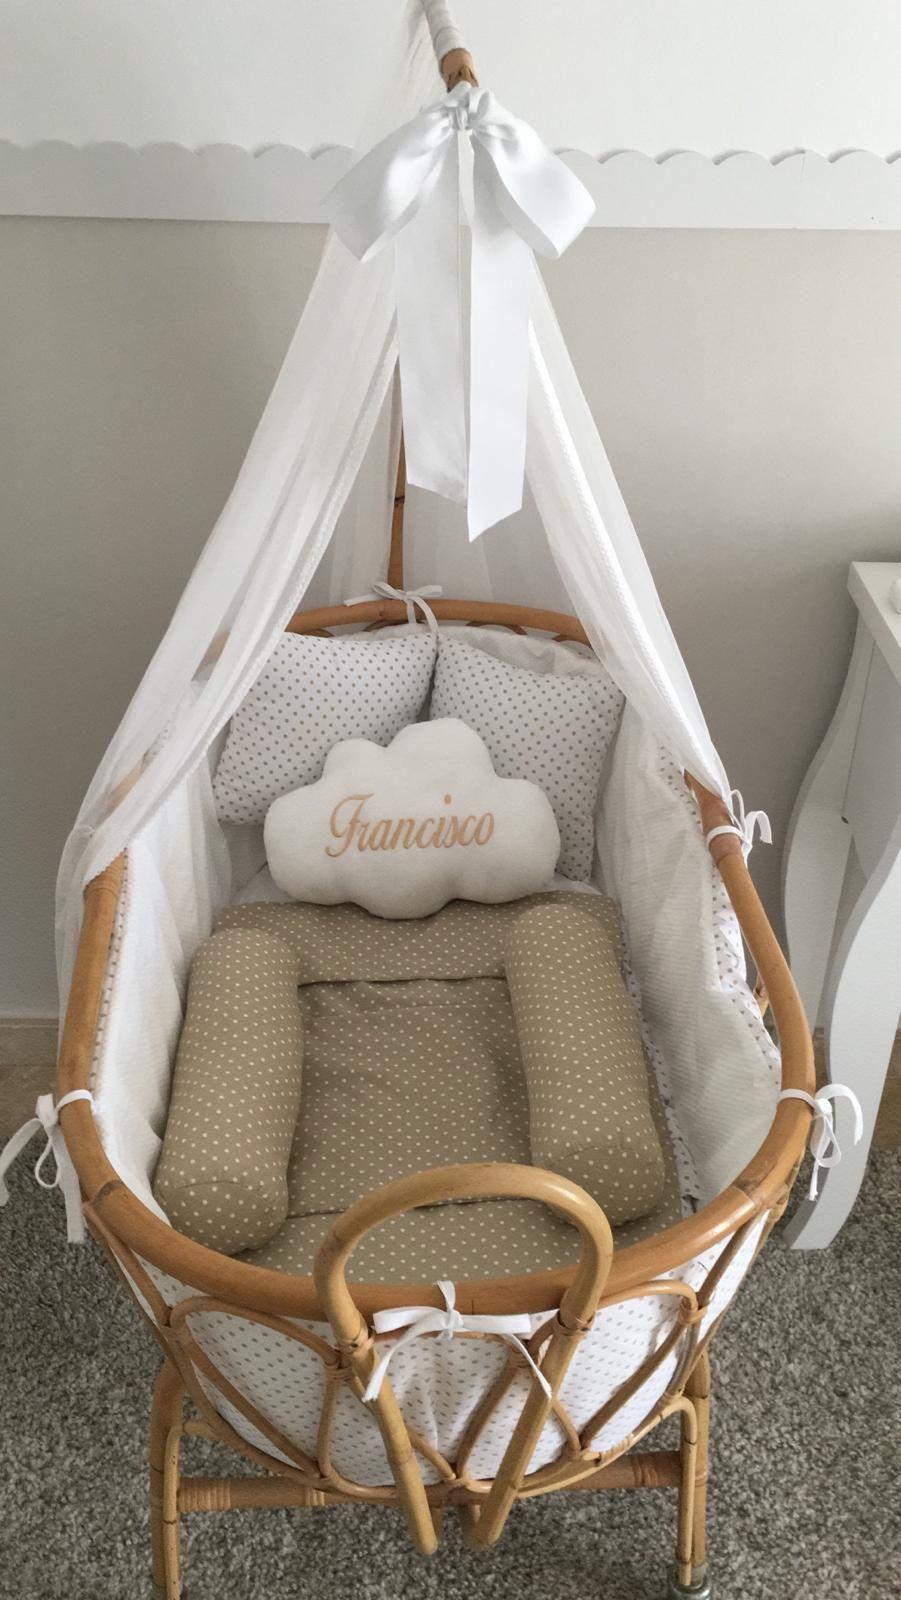 efa0336ca7c Moises de caña para bebé totalmente artesanales y completamente ...